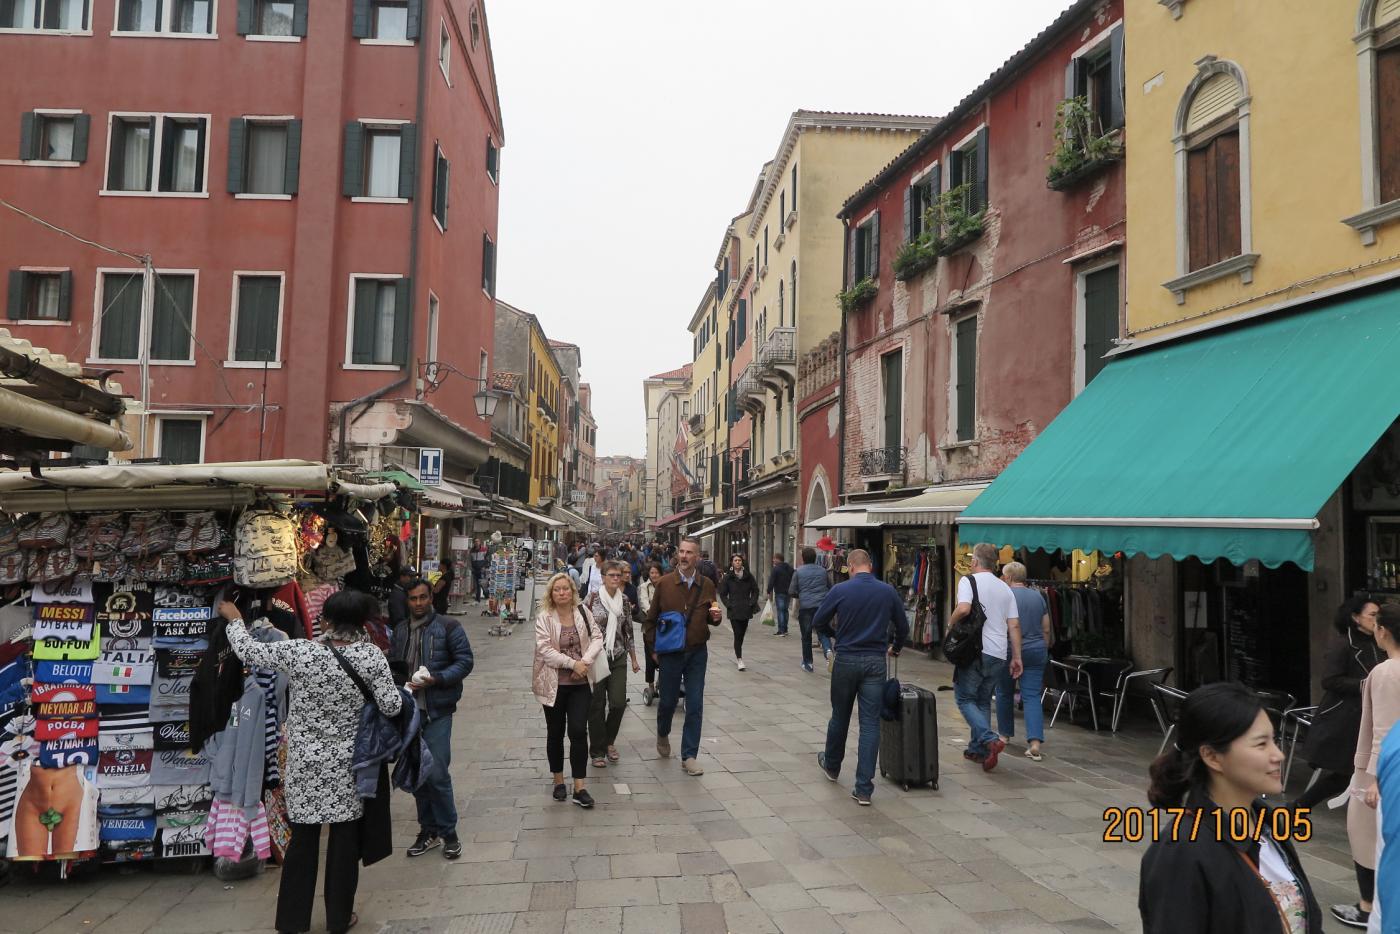 水乡威尼斯:无限的魅力永久的回忆_图1-53